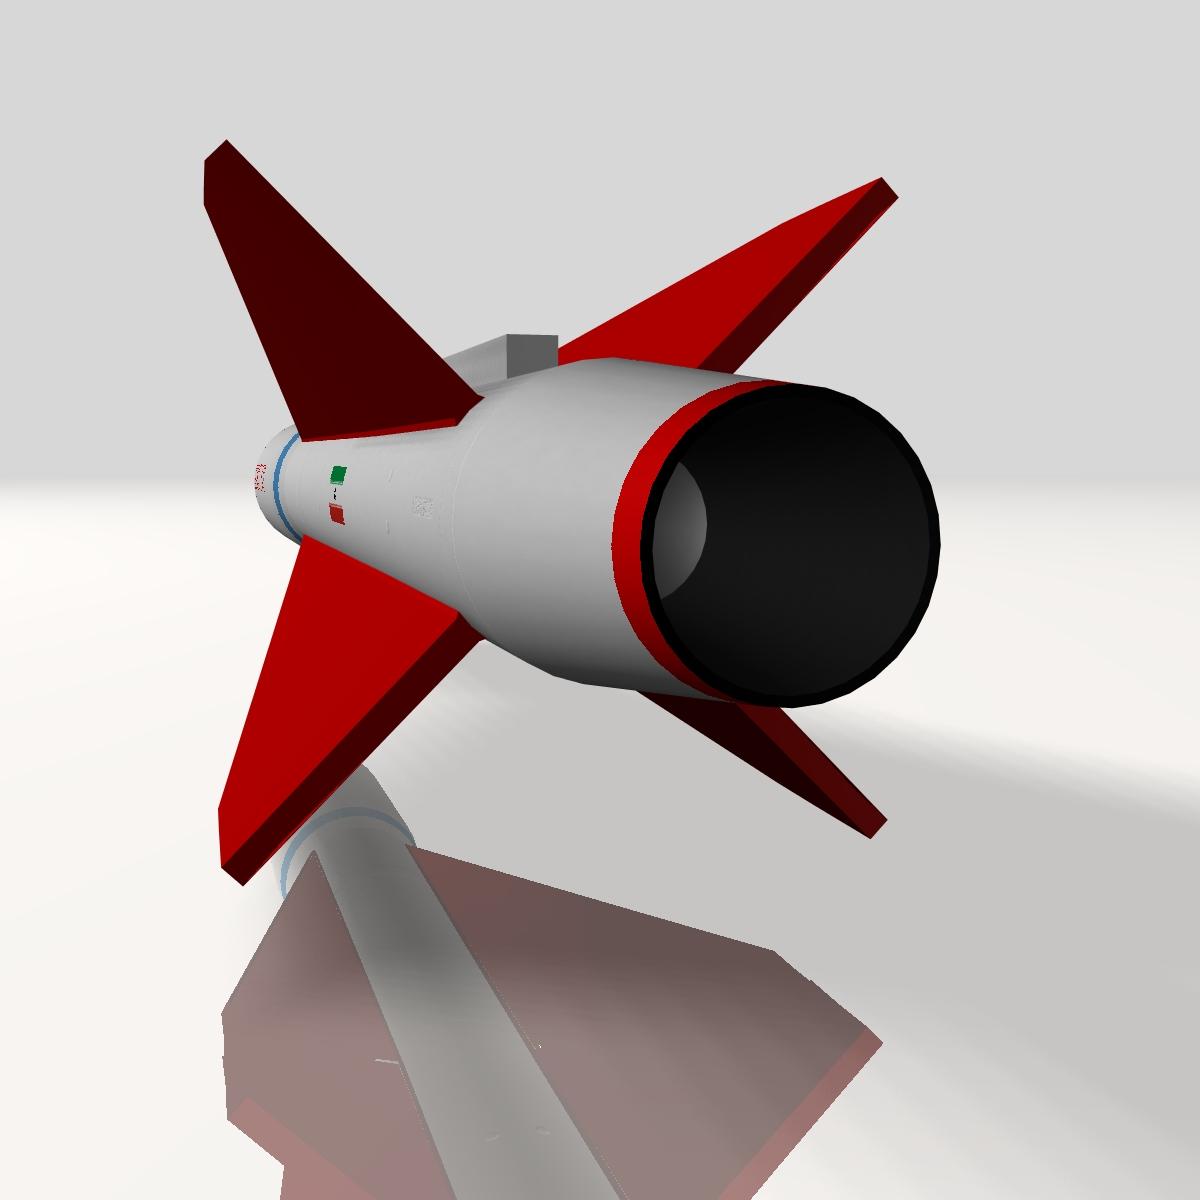 iranian yasser asm missile 3d model 3ds dxf cob x obj 150565